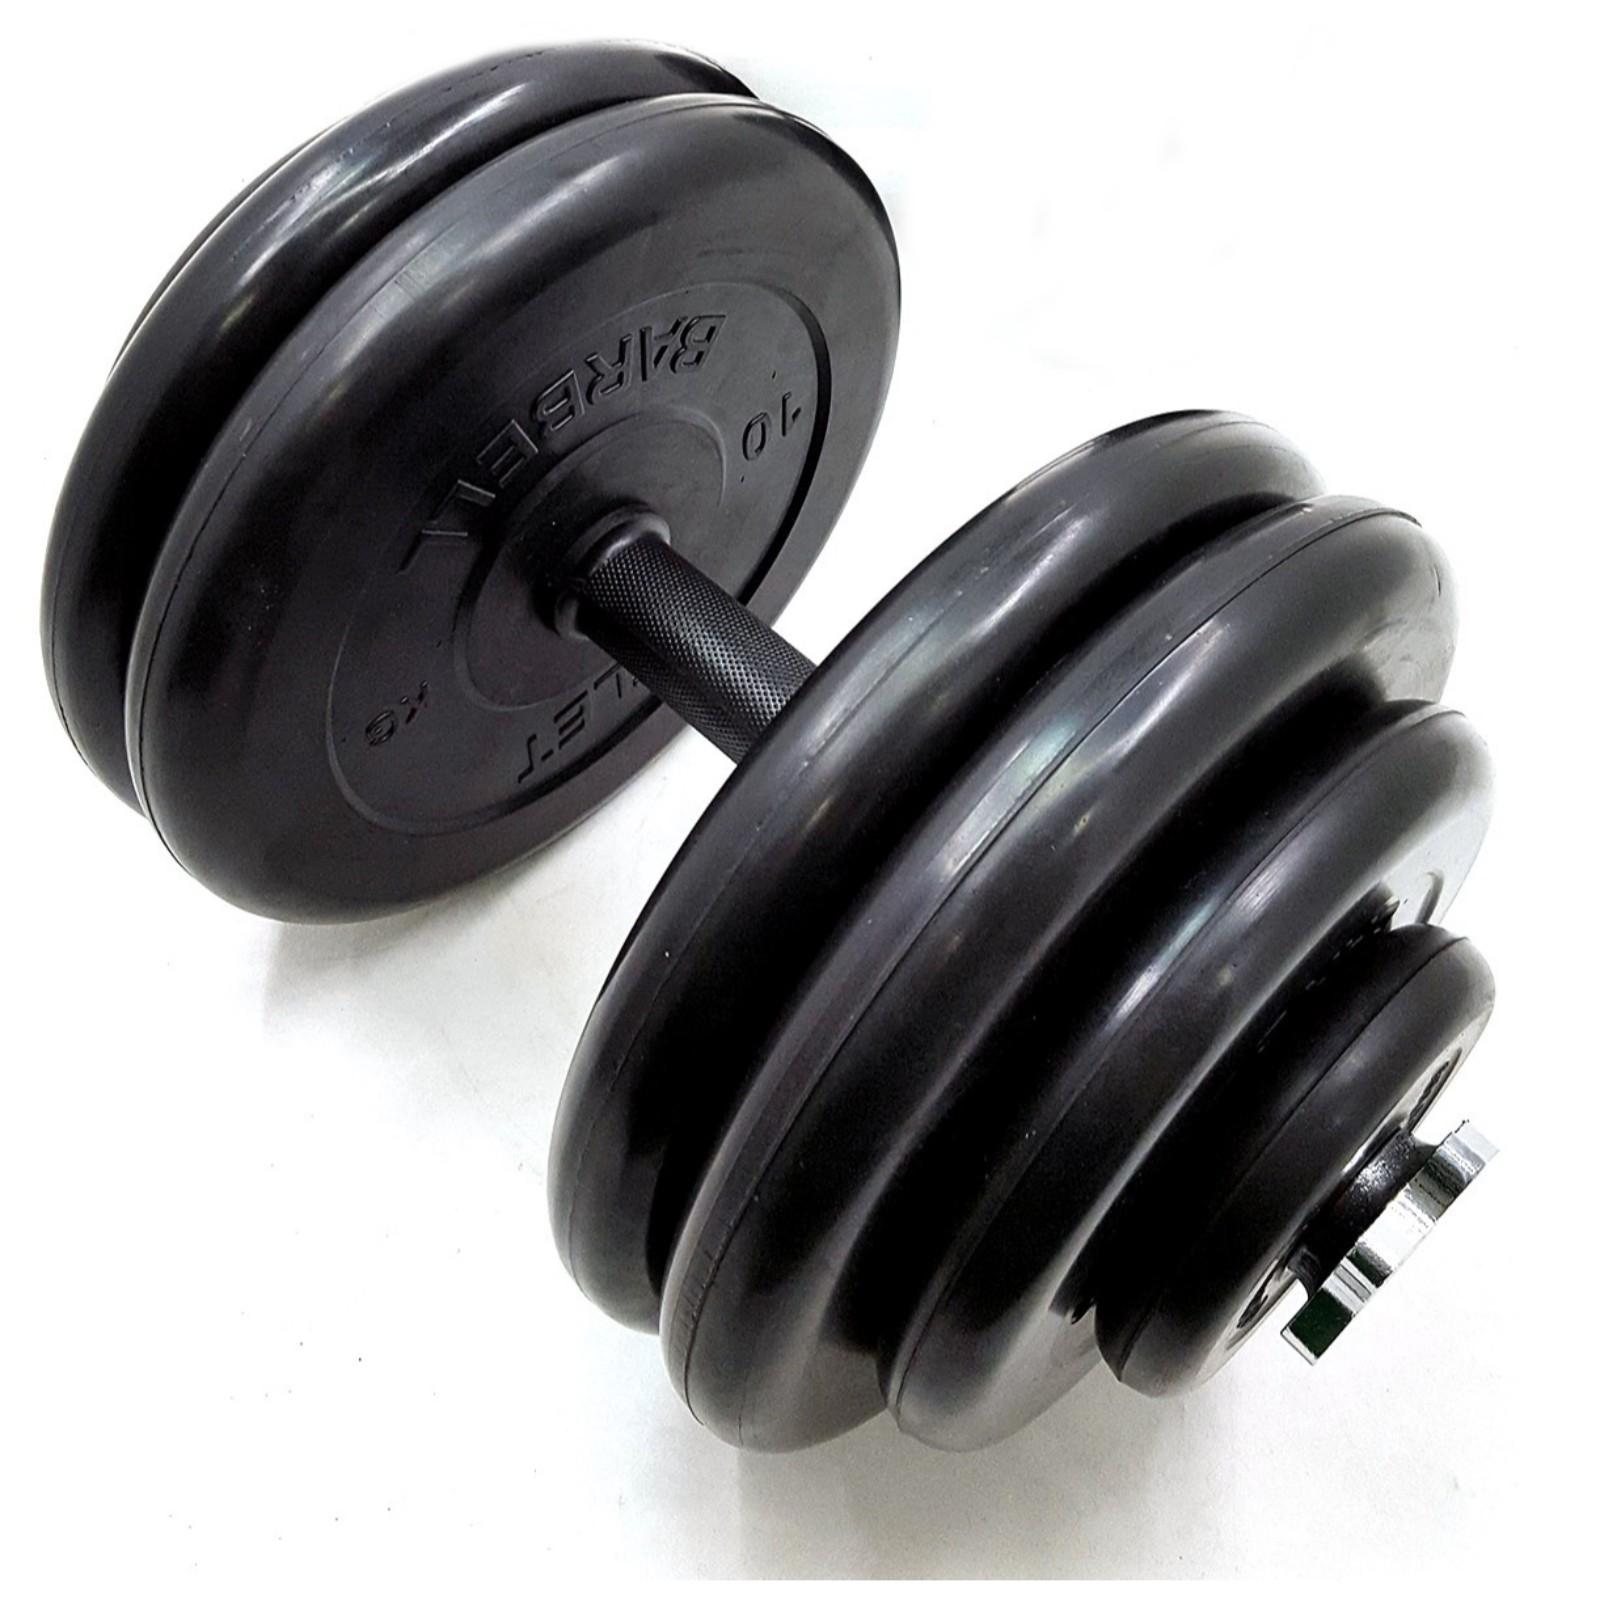 Гантель MB BARBELL Atlet, разборная, 55 кг, 1 шт ворота м ф 2х3м переносные разборные алюминиевые atlet imp a314 пара